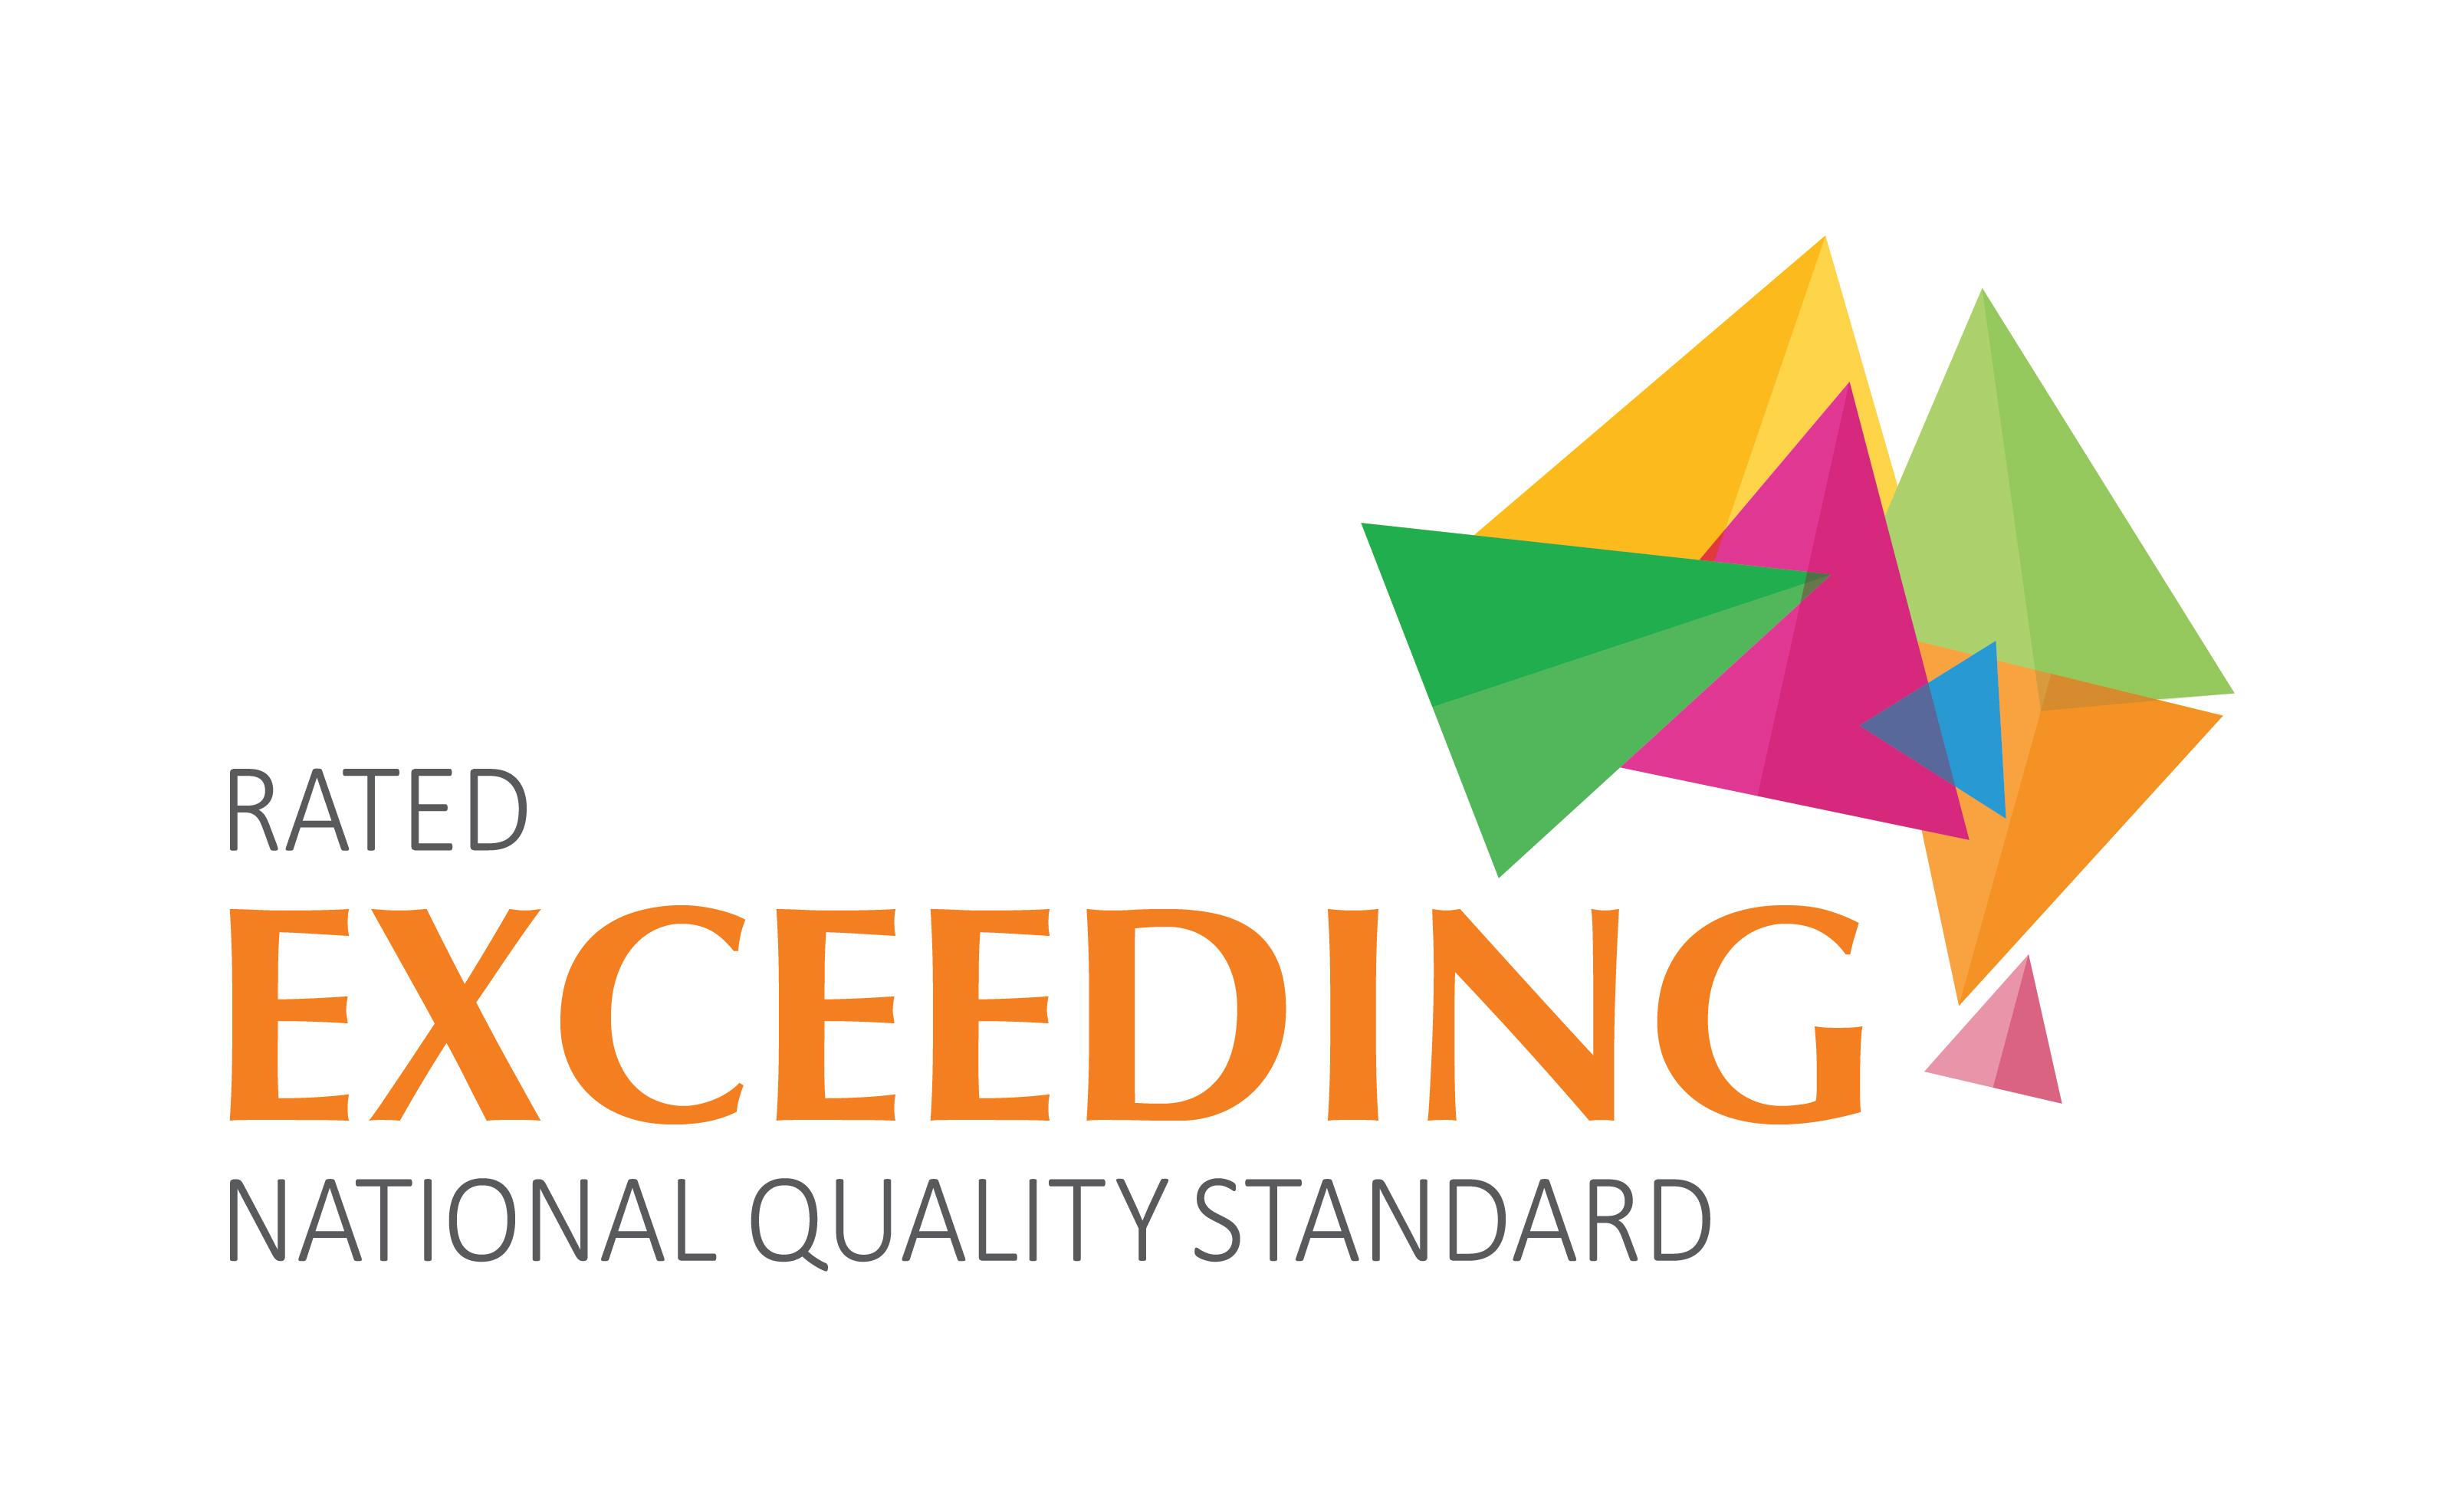 exceeding-nqs-logo1